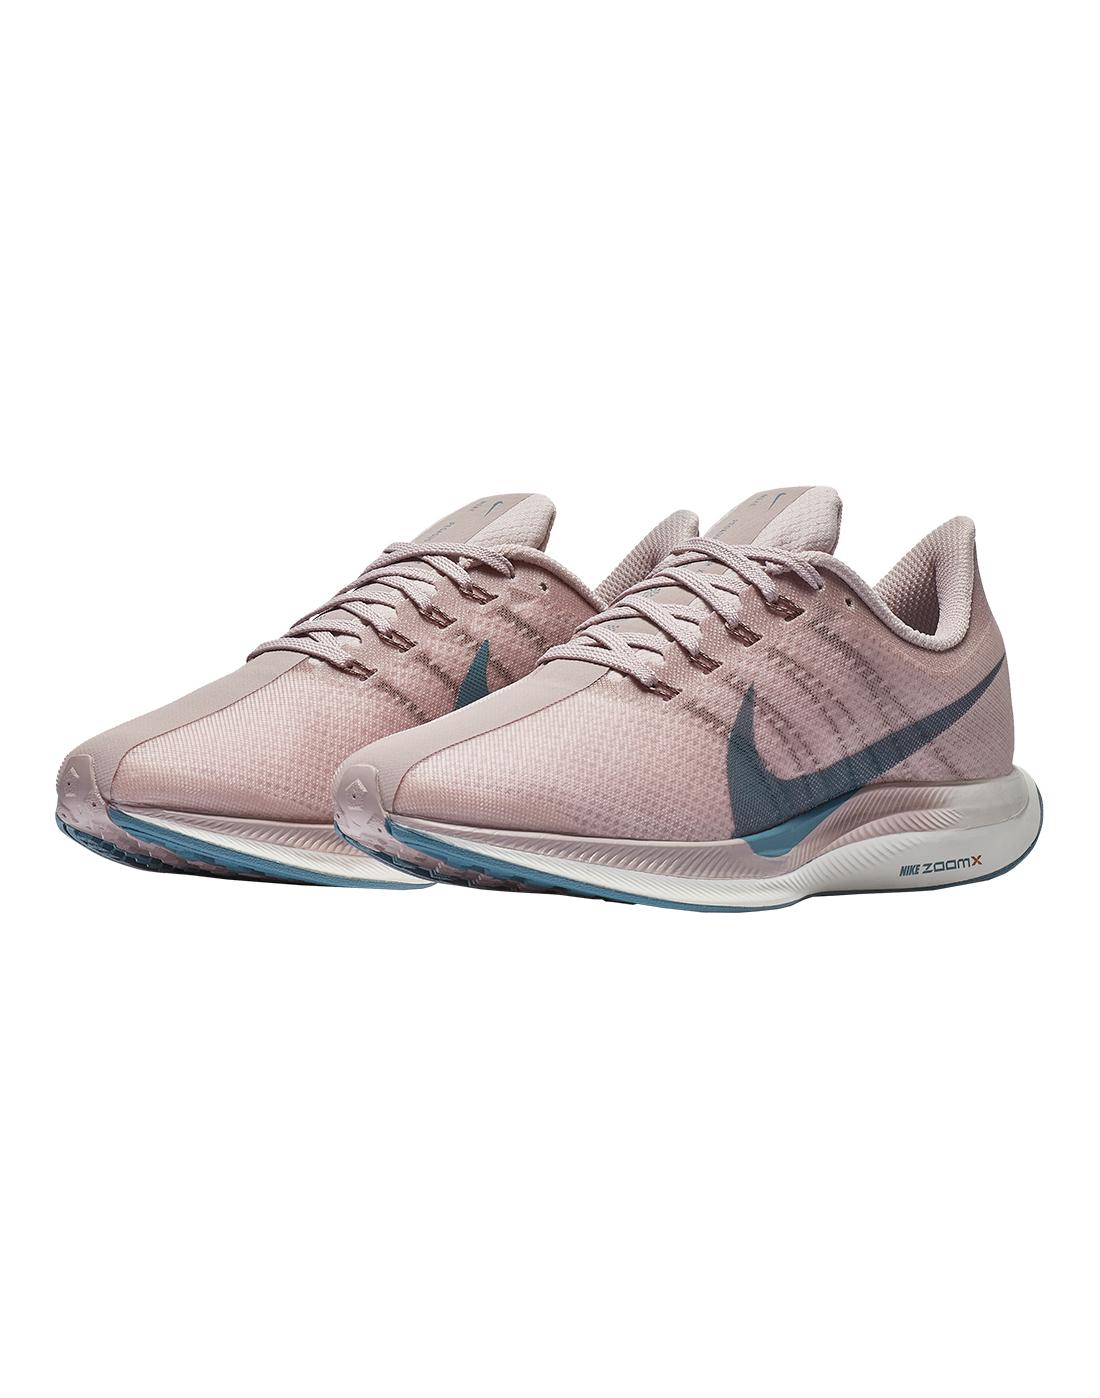 799155e35d3 Women s Pink Nike Pegasus 35 Running Shoes